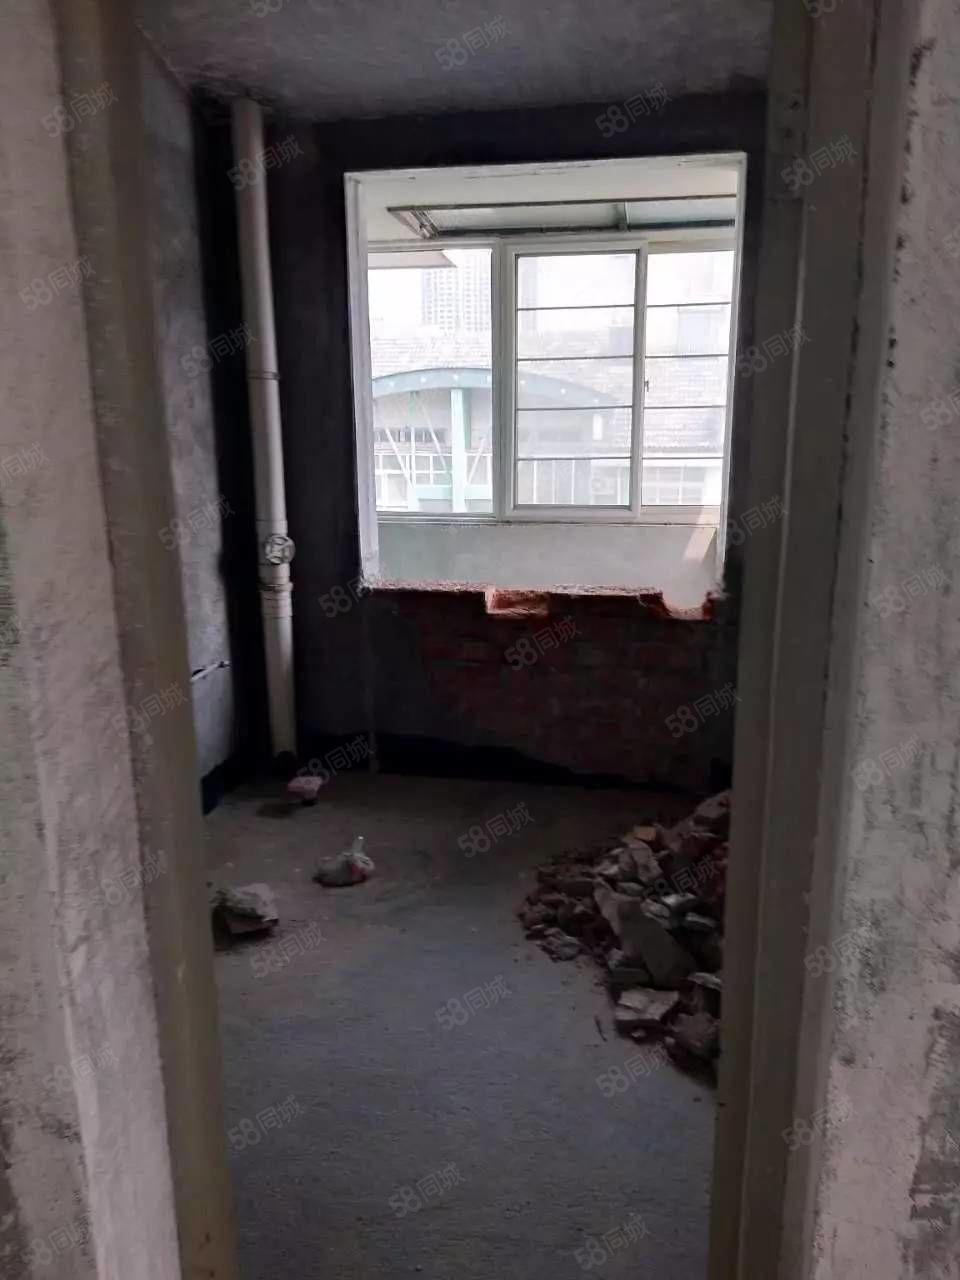 5室3厅3卫户型好到爆炸卧室南北通透复式楼楼顶花园